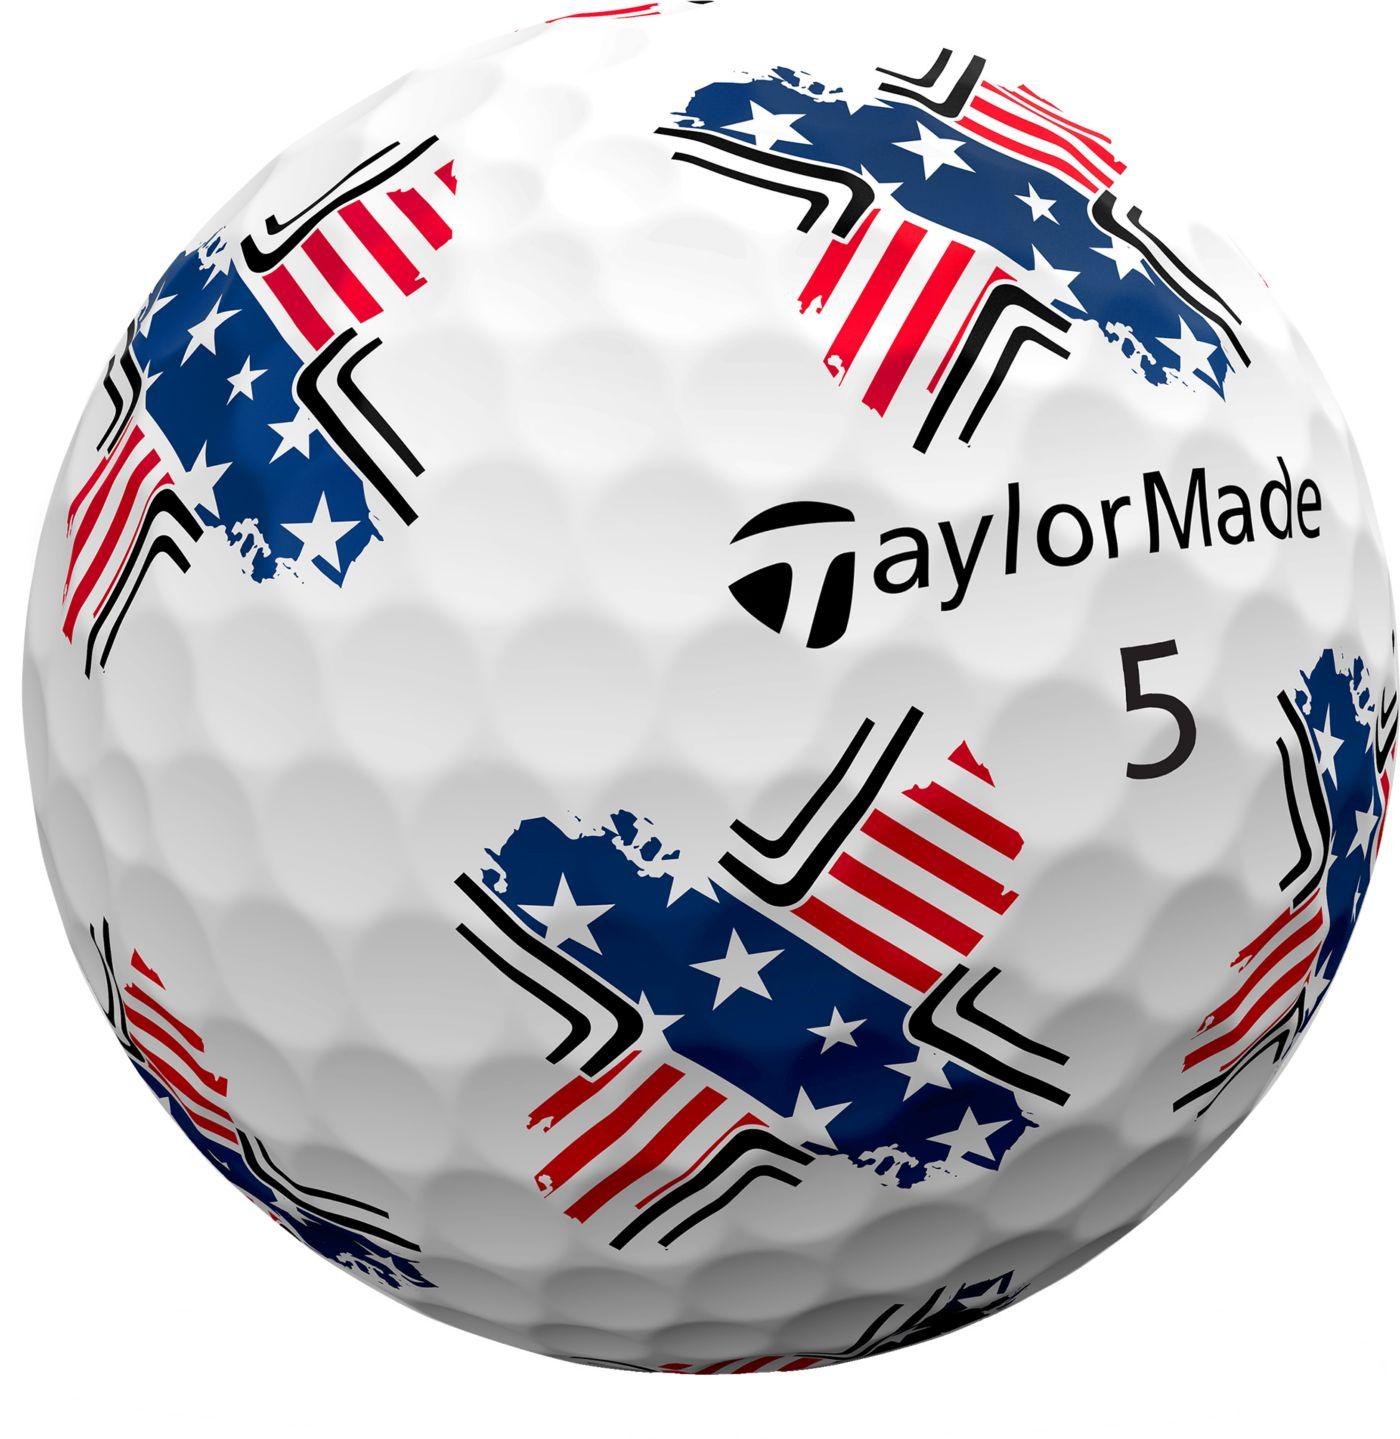 TaylorMade 2019 TP5 Pix USA Golf Balls